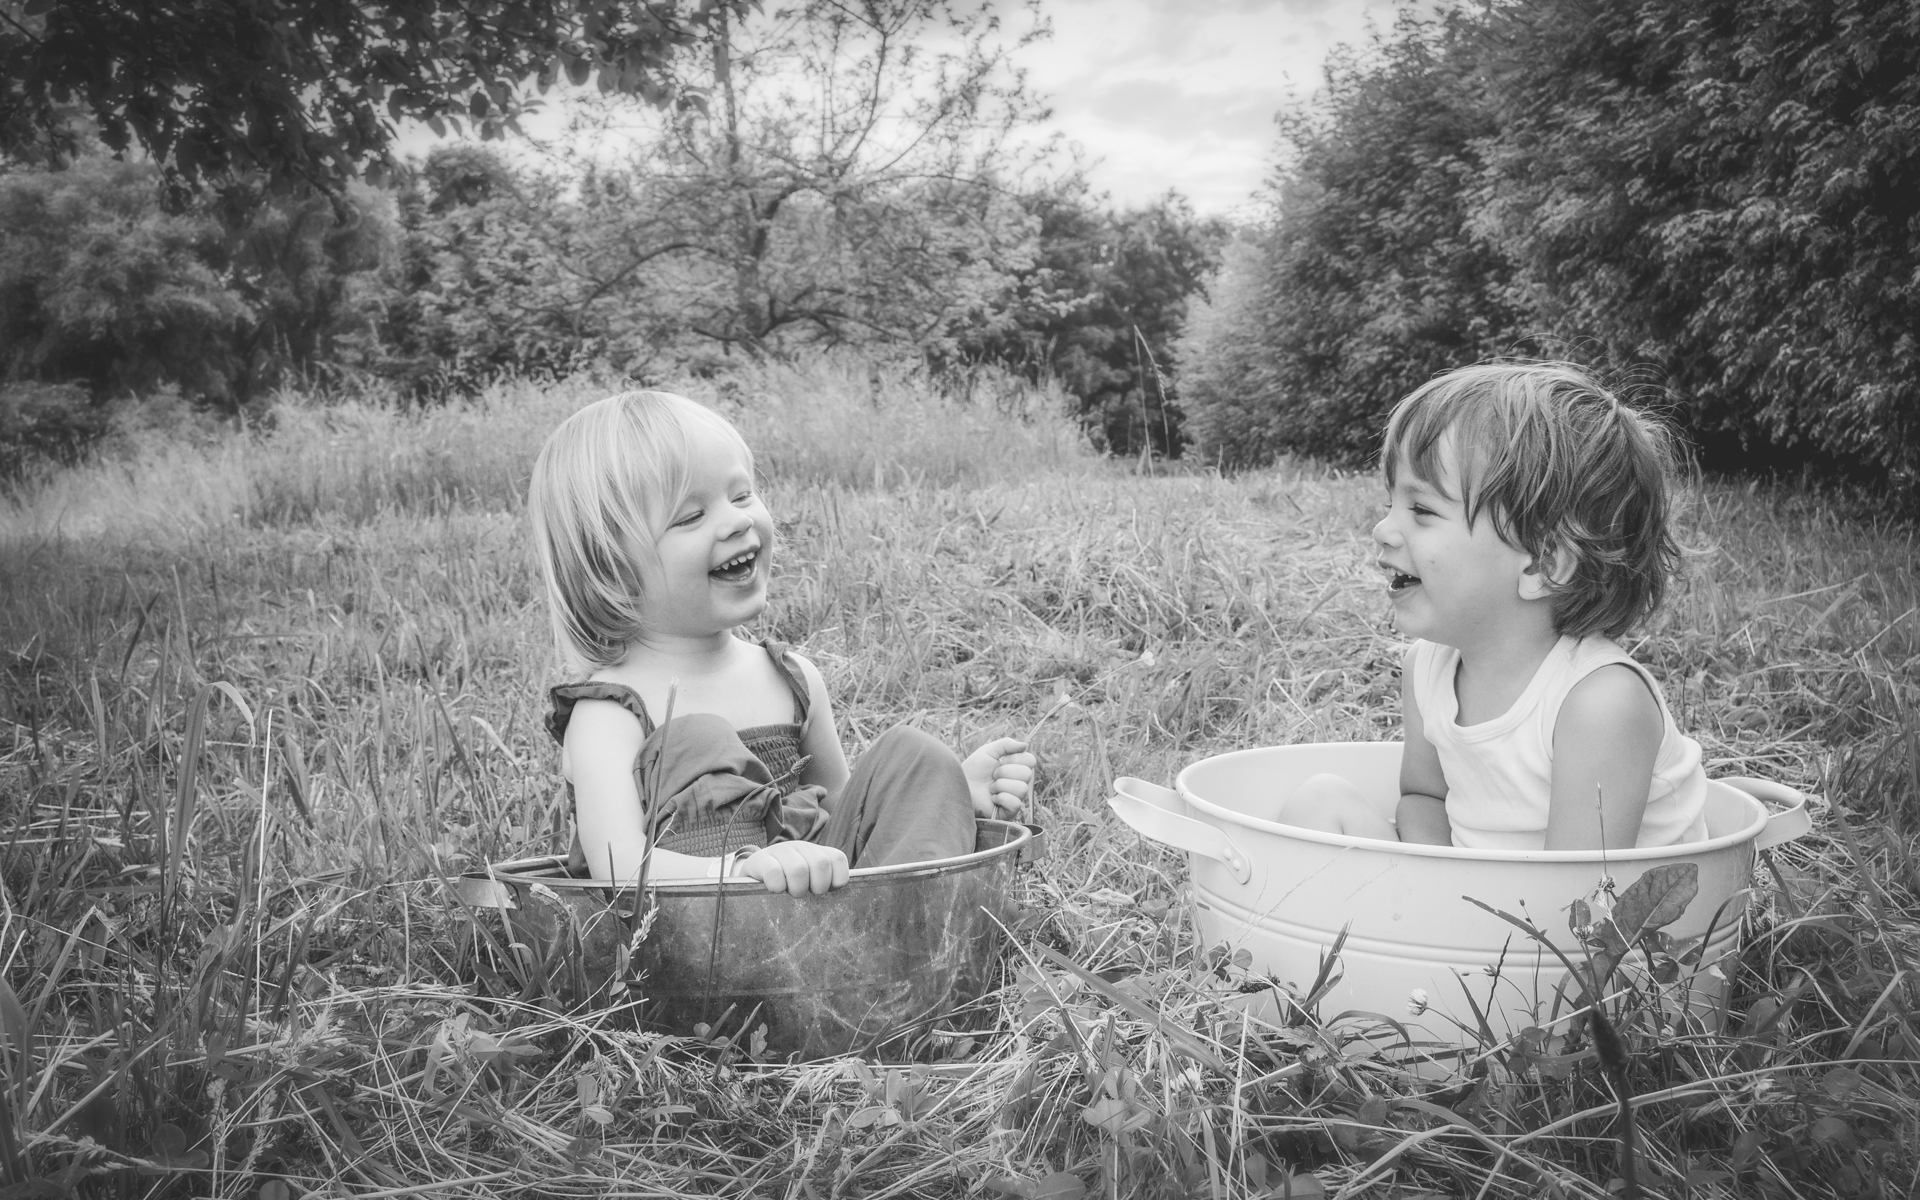 Proverbios 27:9 El perfume y el incienso alegran el corazón, y el dulce consejo de un amigo es mejor que la confianza propia.